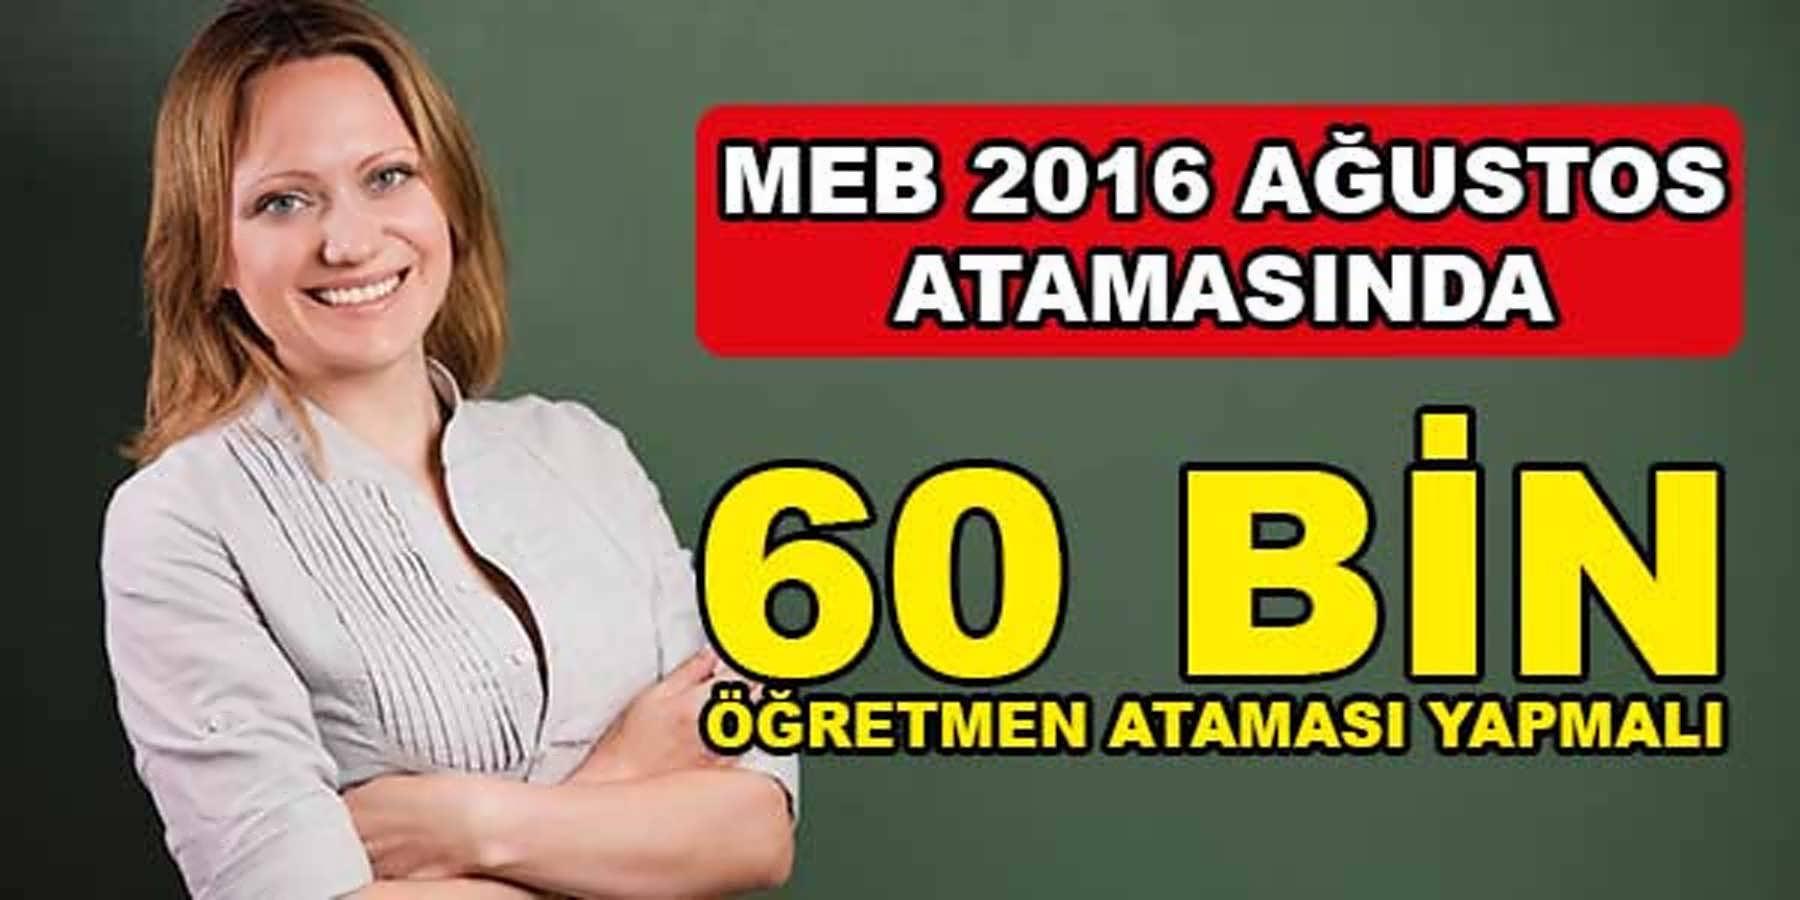 MEB 2016 Ağustos Atamasında 60 Bin Öğretmen Ataması Yapmalıdır